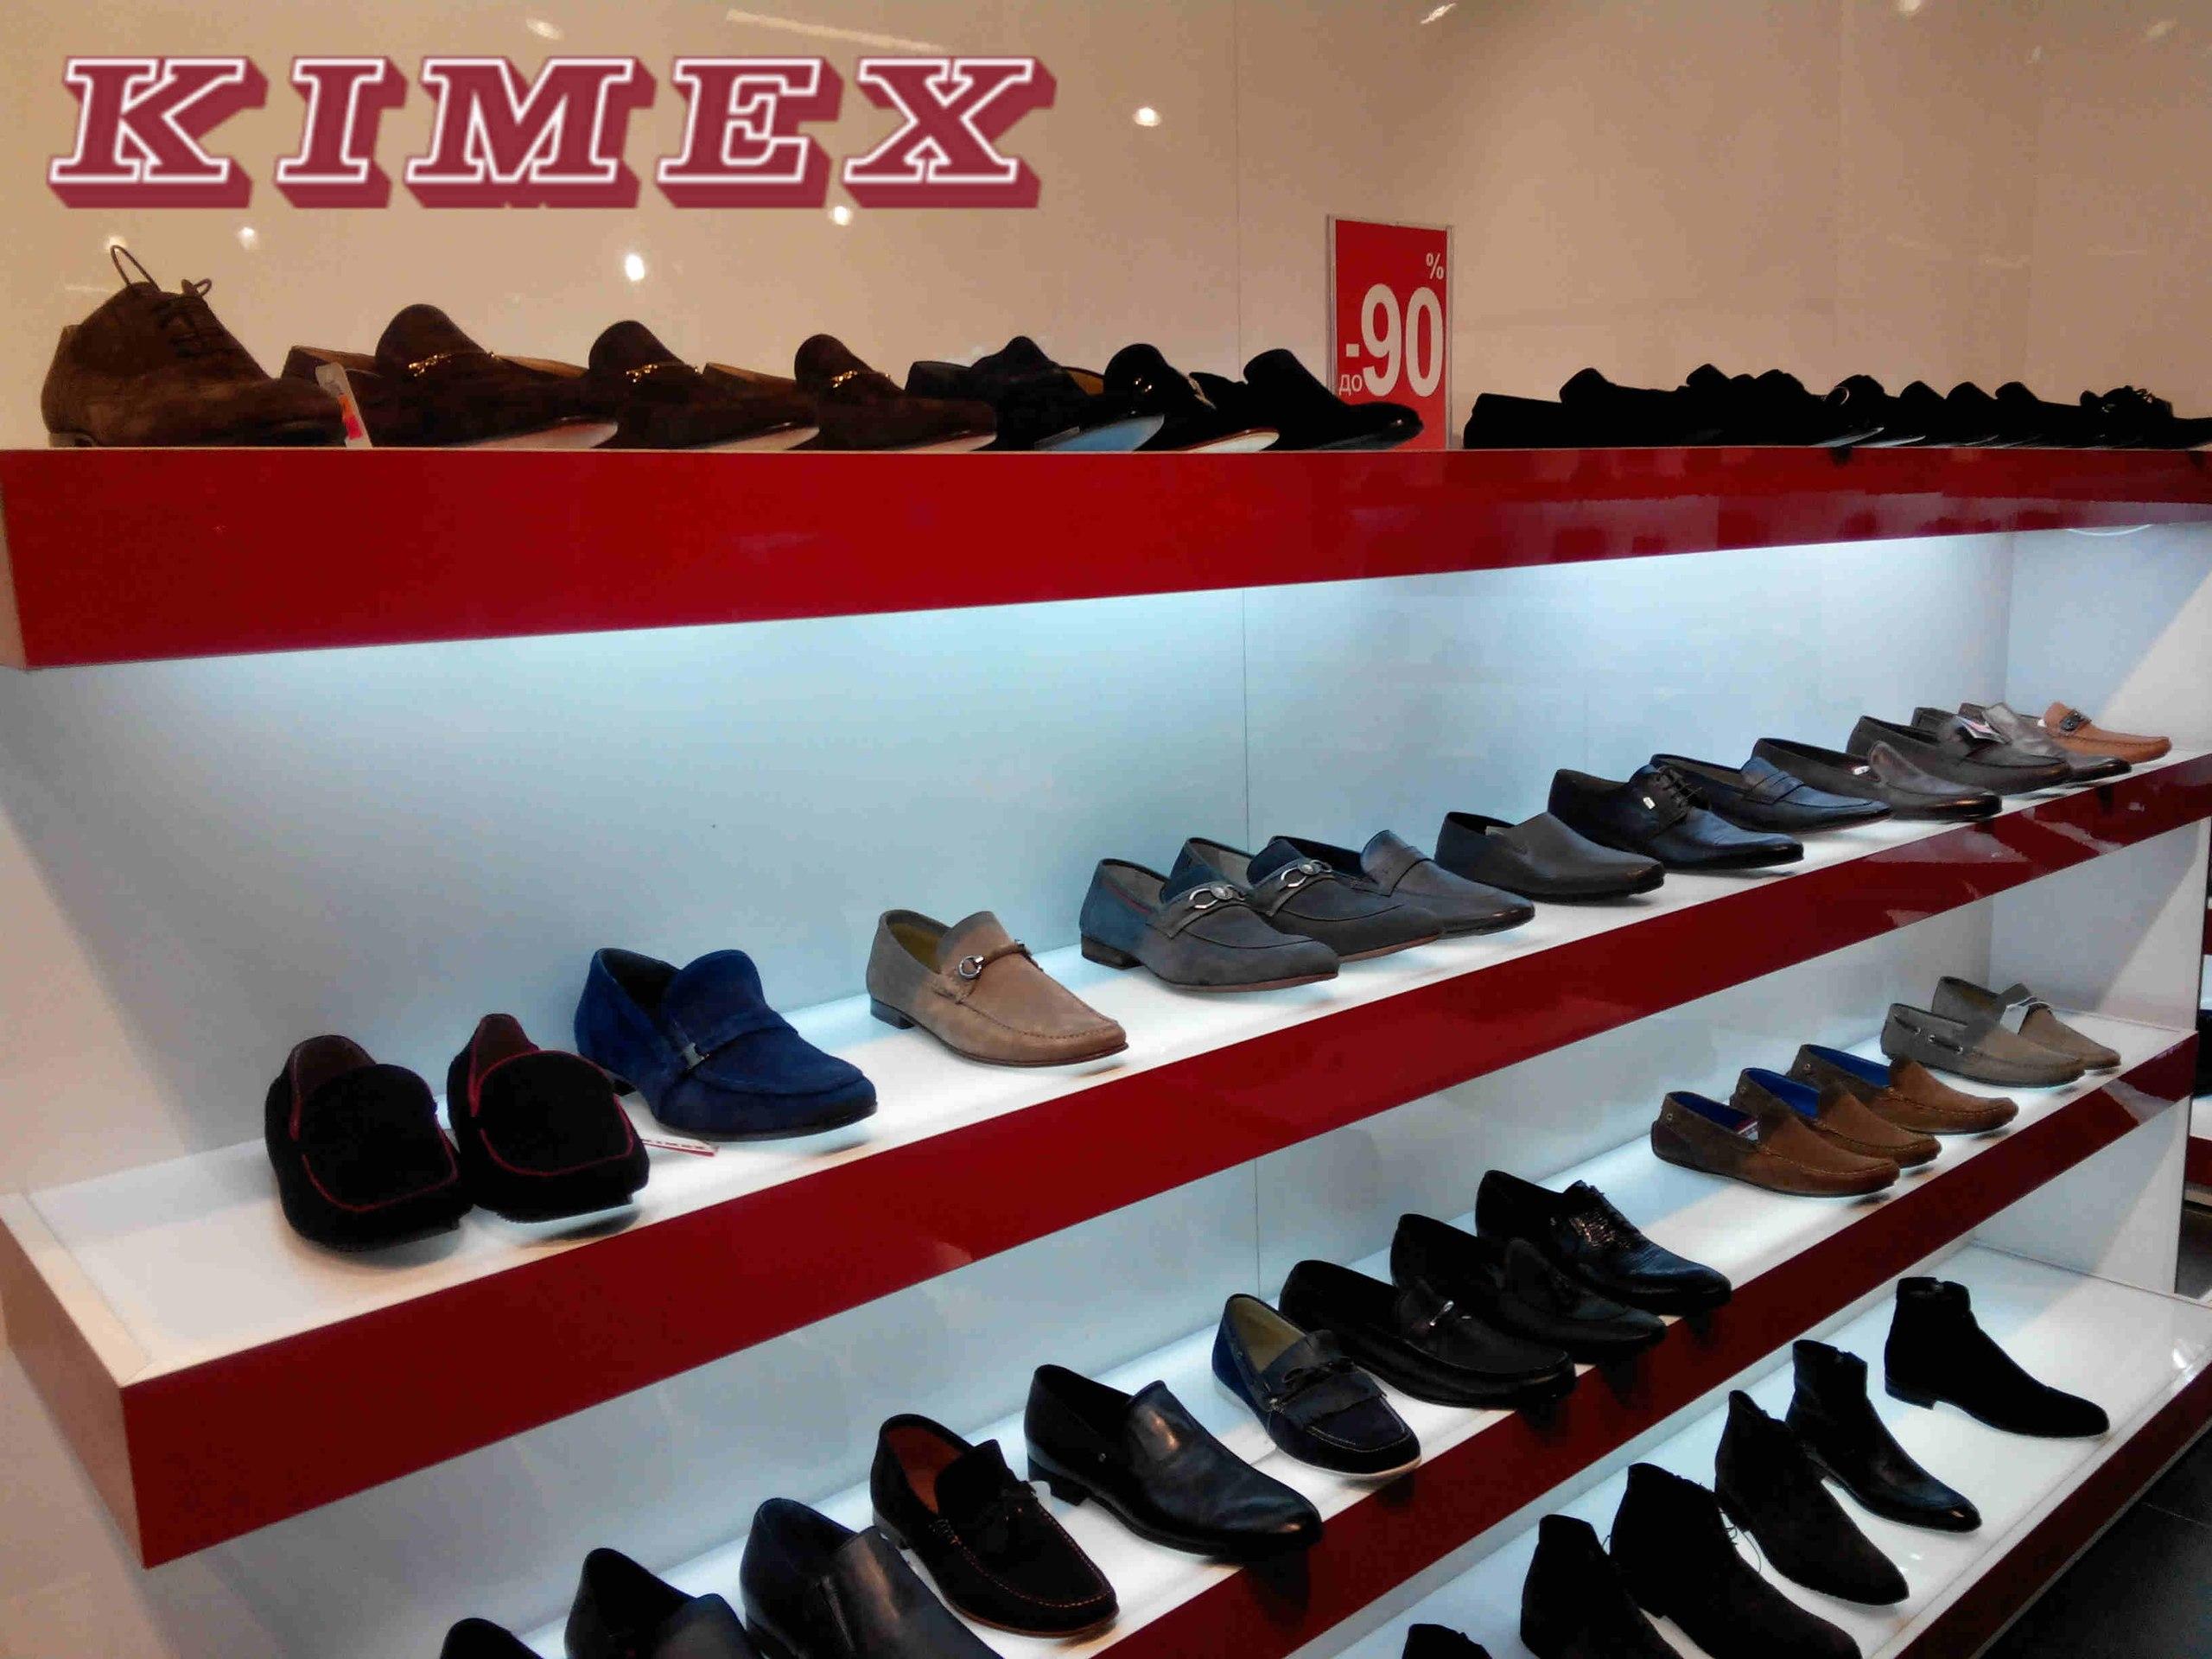 073b33068 Кимекс алматы скидки на обувь